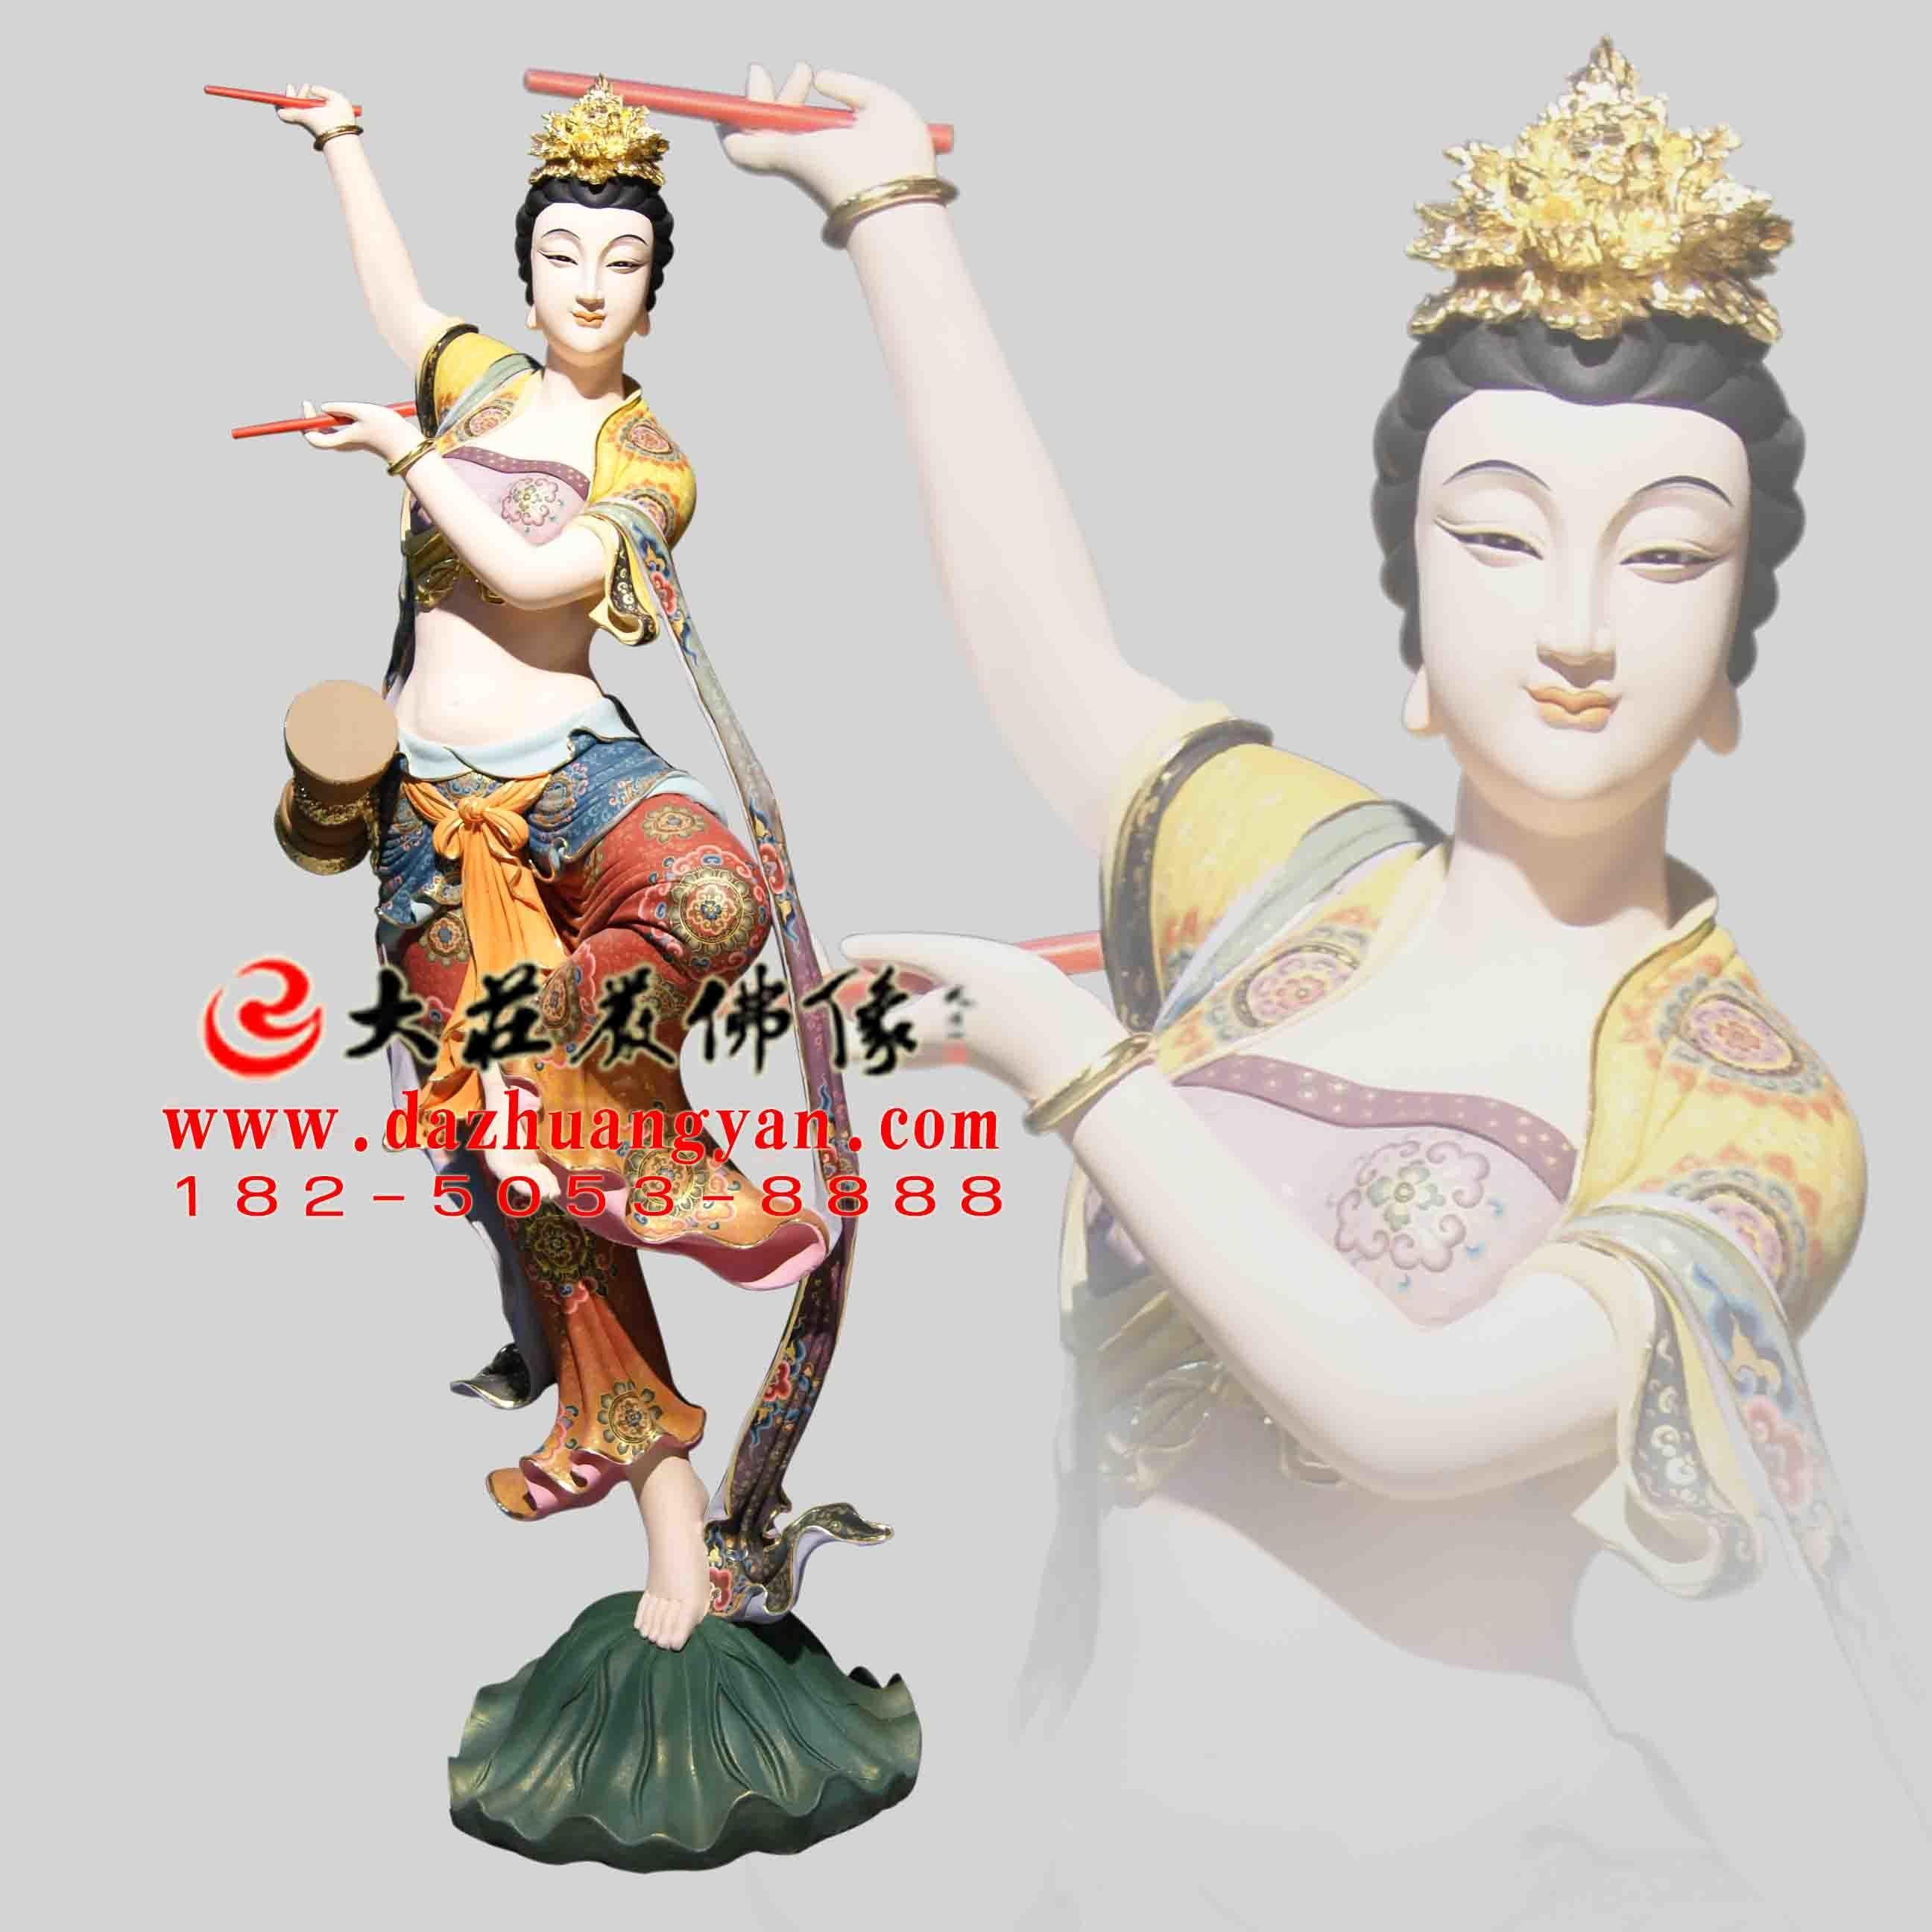 铜像鼓手伎乐天彩绘神像